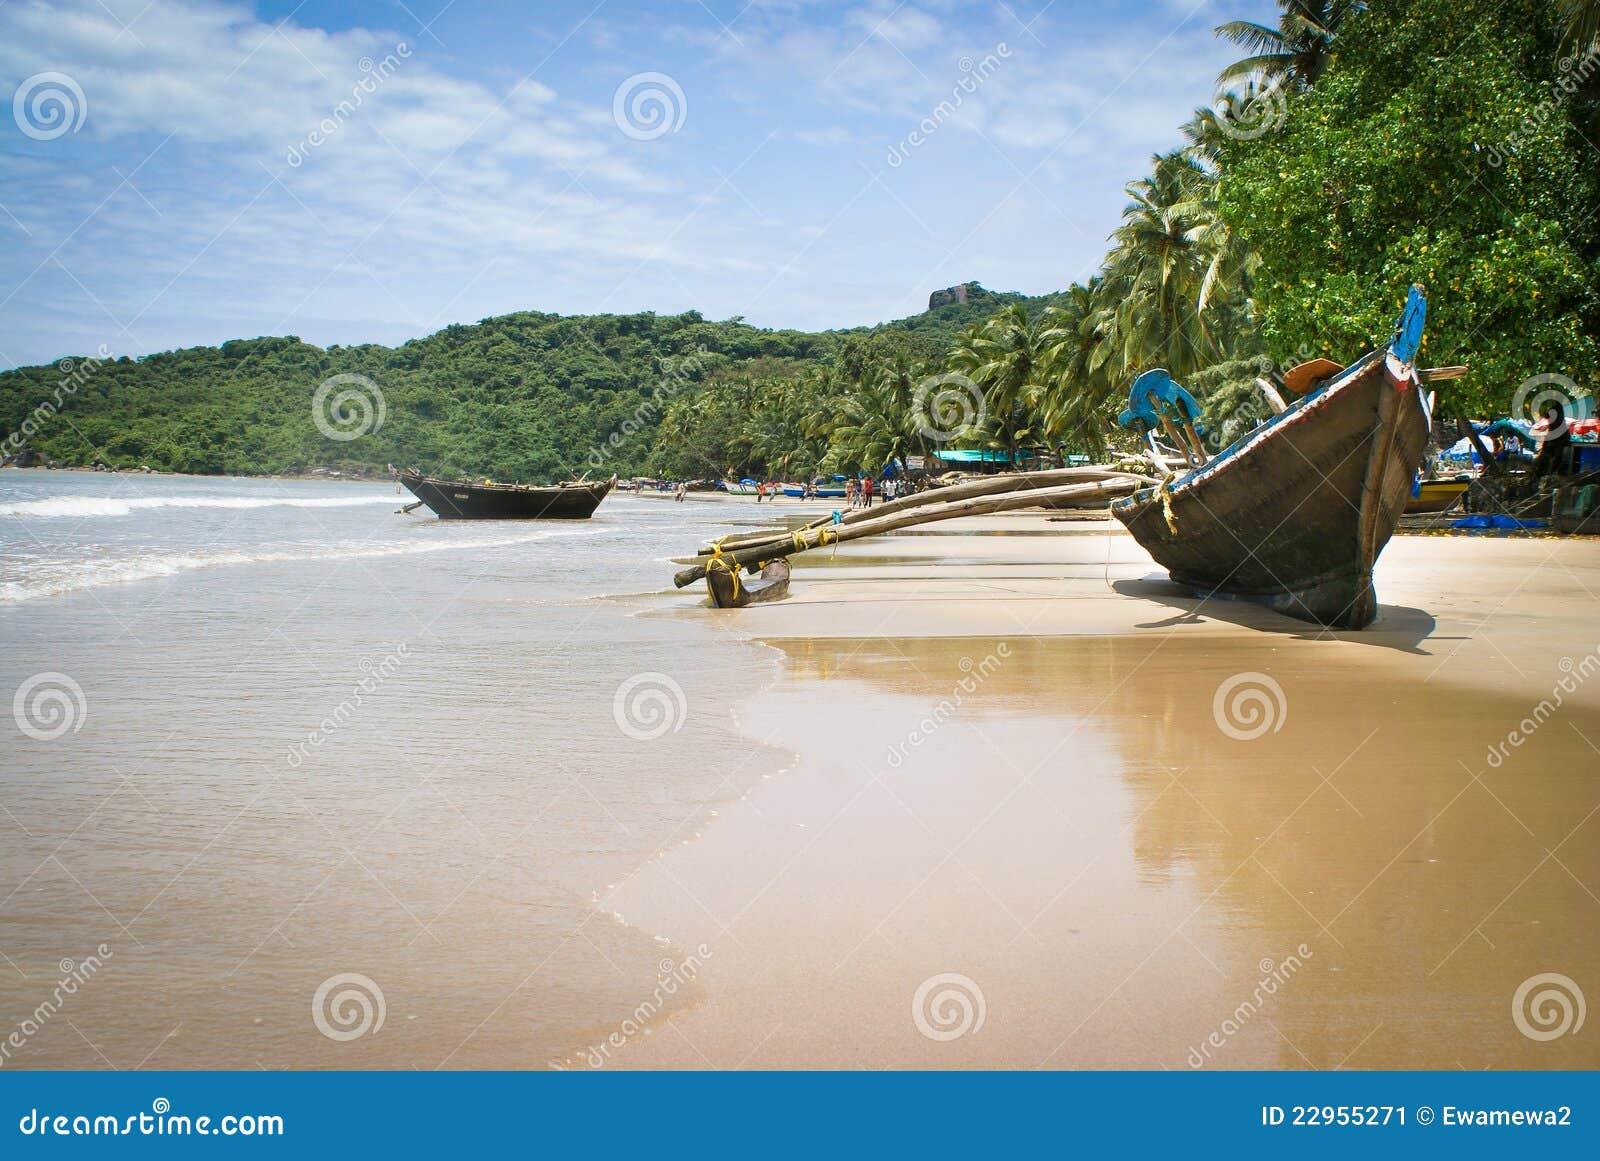 Plage tropicale de Goa de bateaux